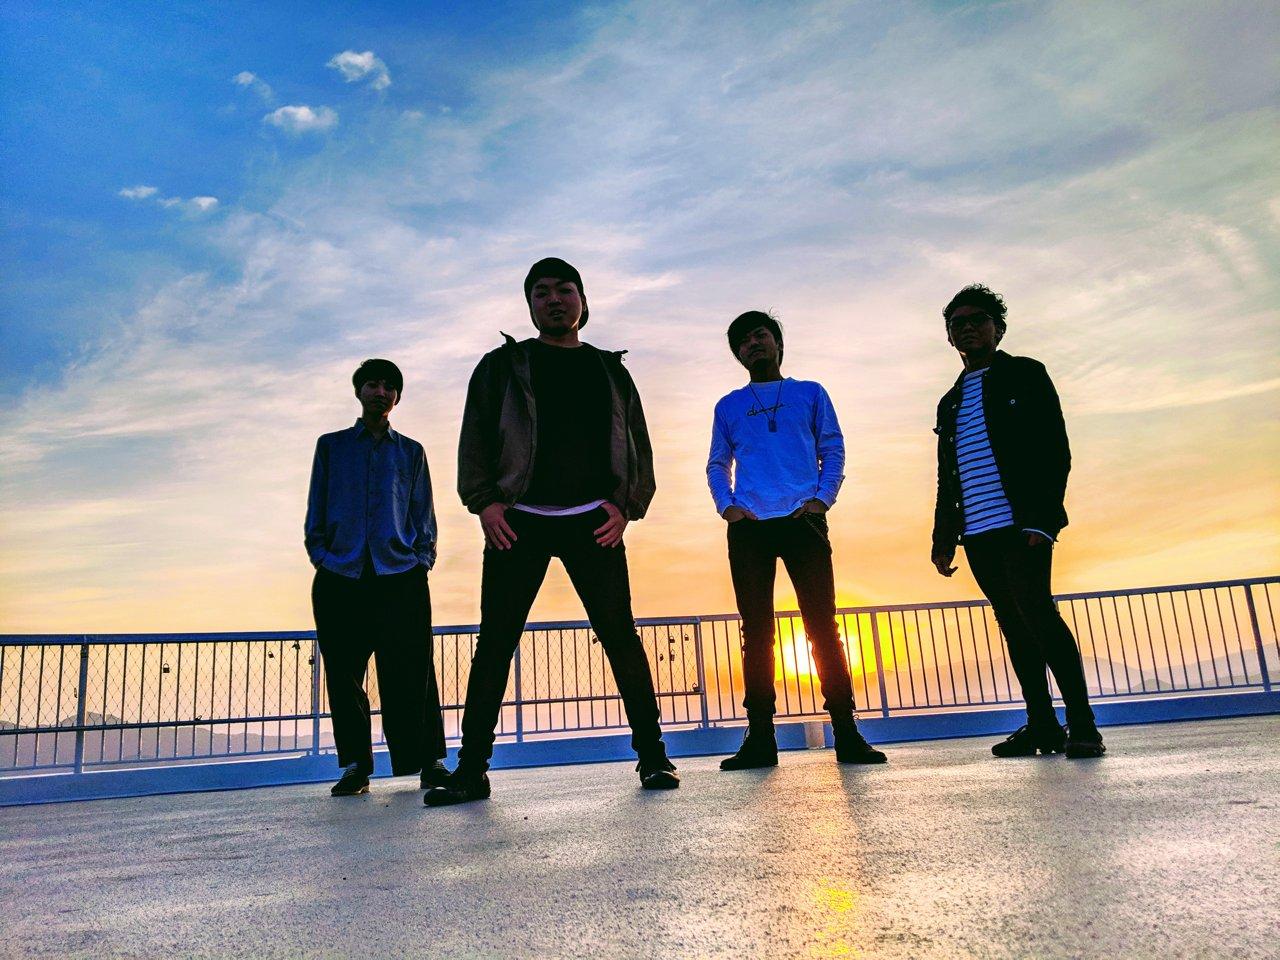 【注目の学生アーティスト】岩手県のバンド・Surrounded By Enemies、Google Pixel 4のMVに『FUTURE』が採用